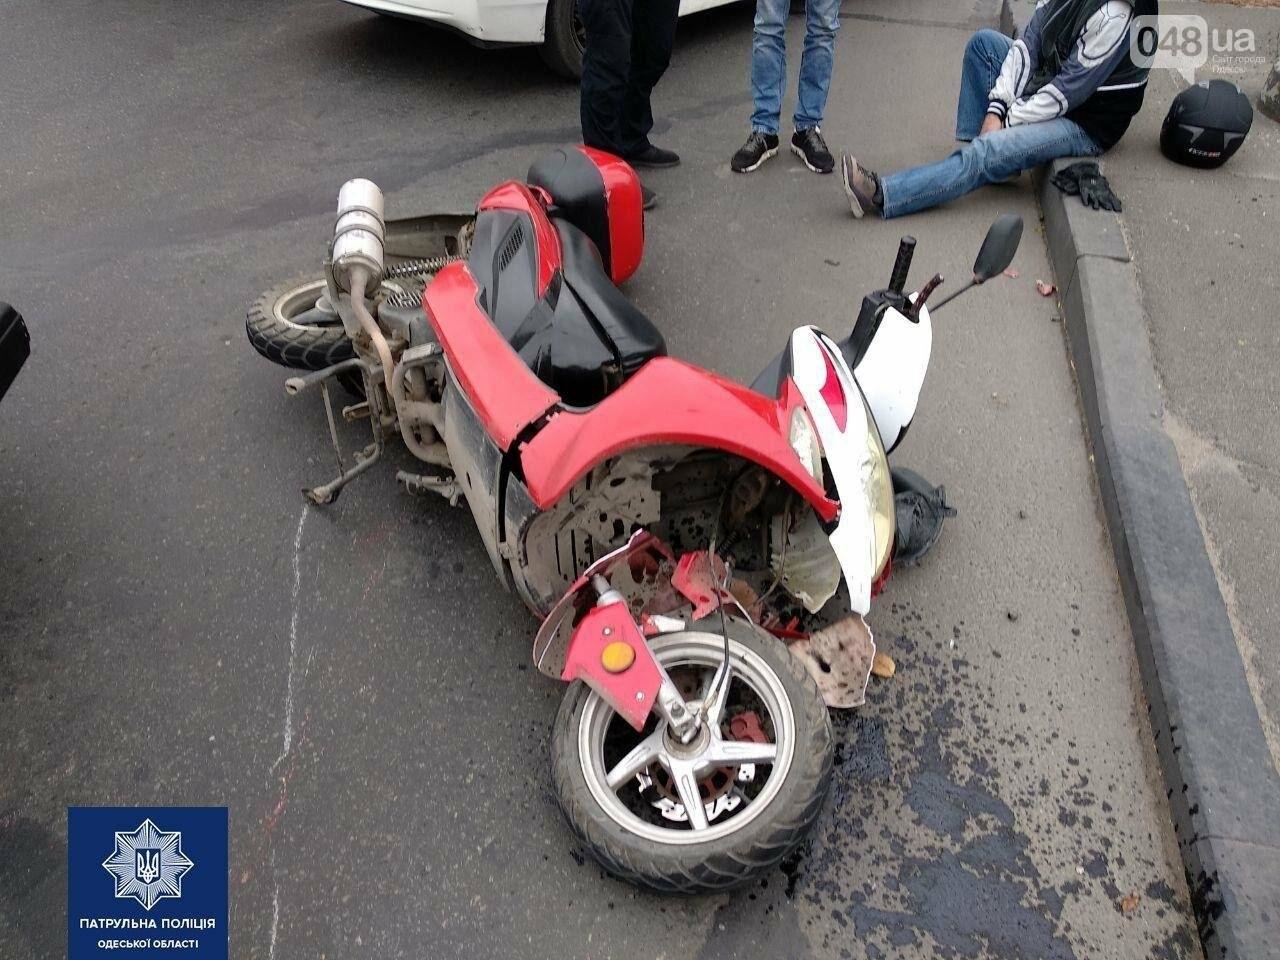 В Одессе в ДТП пострадал водитель мопеда, - ФОТО2